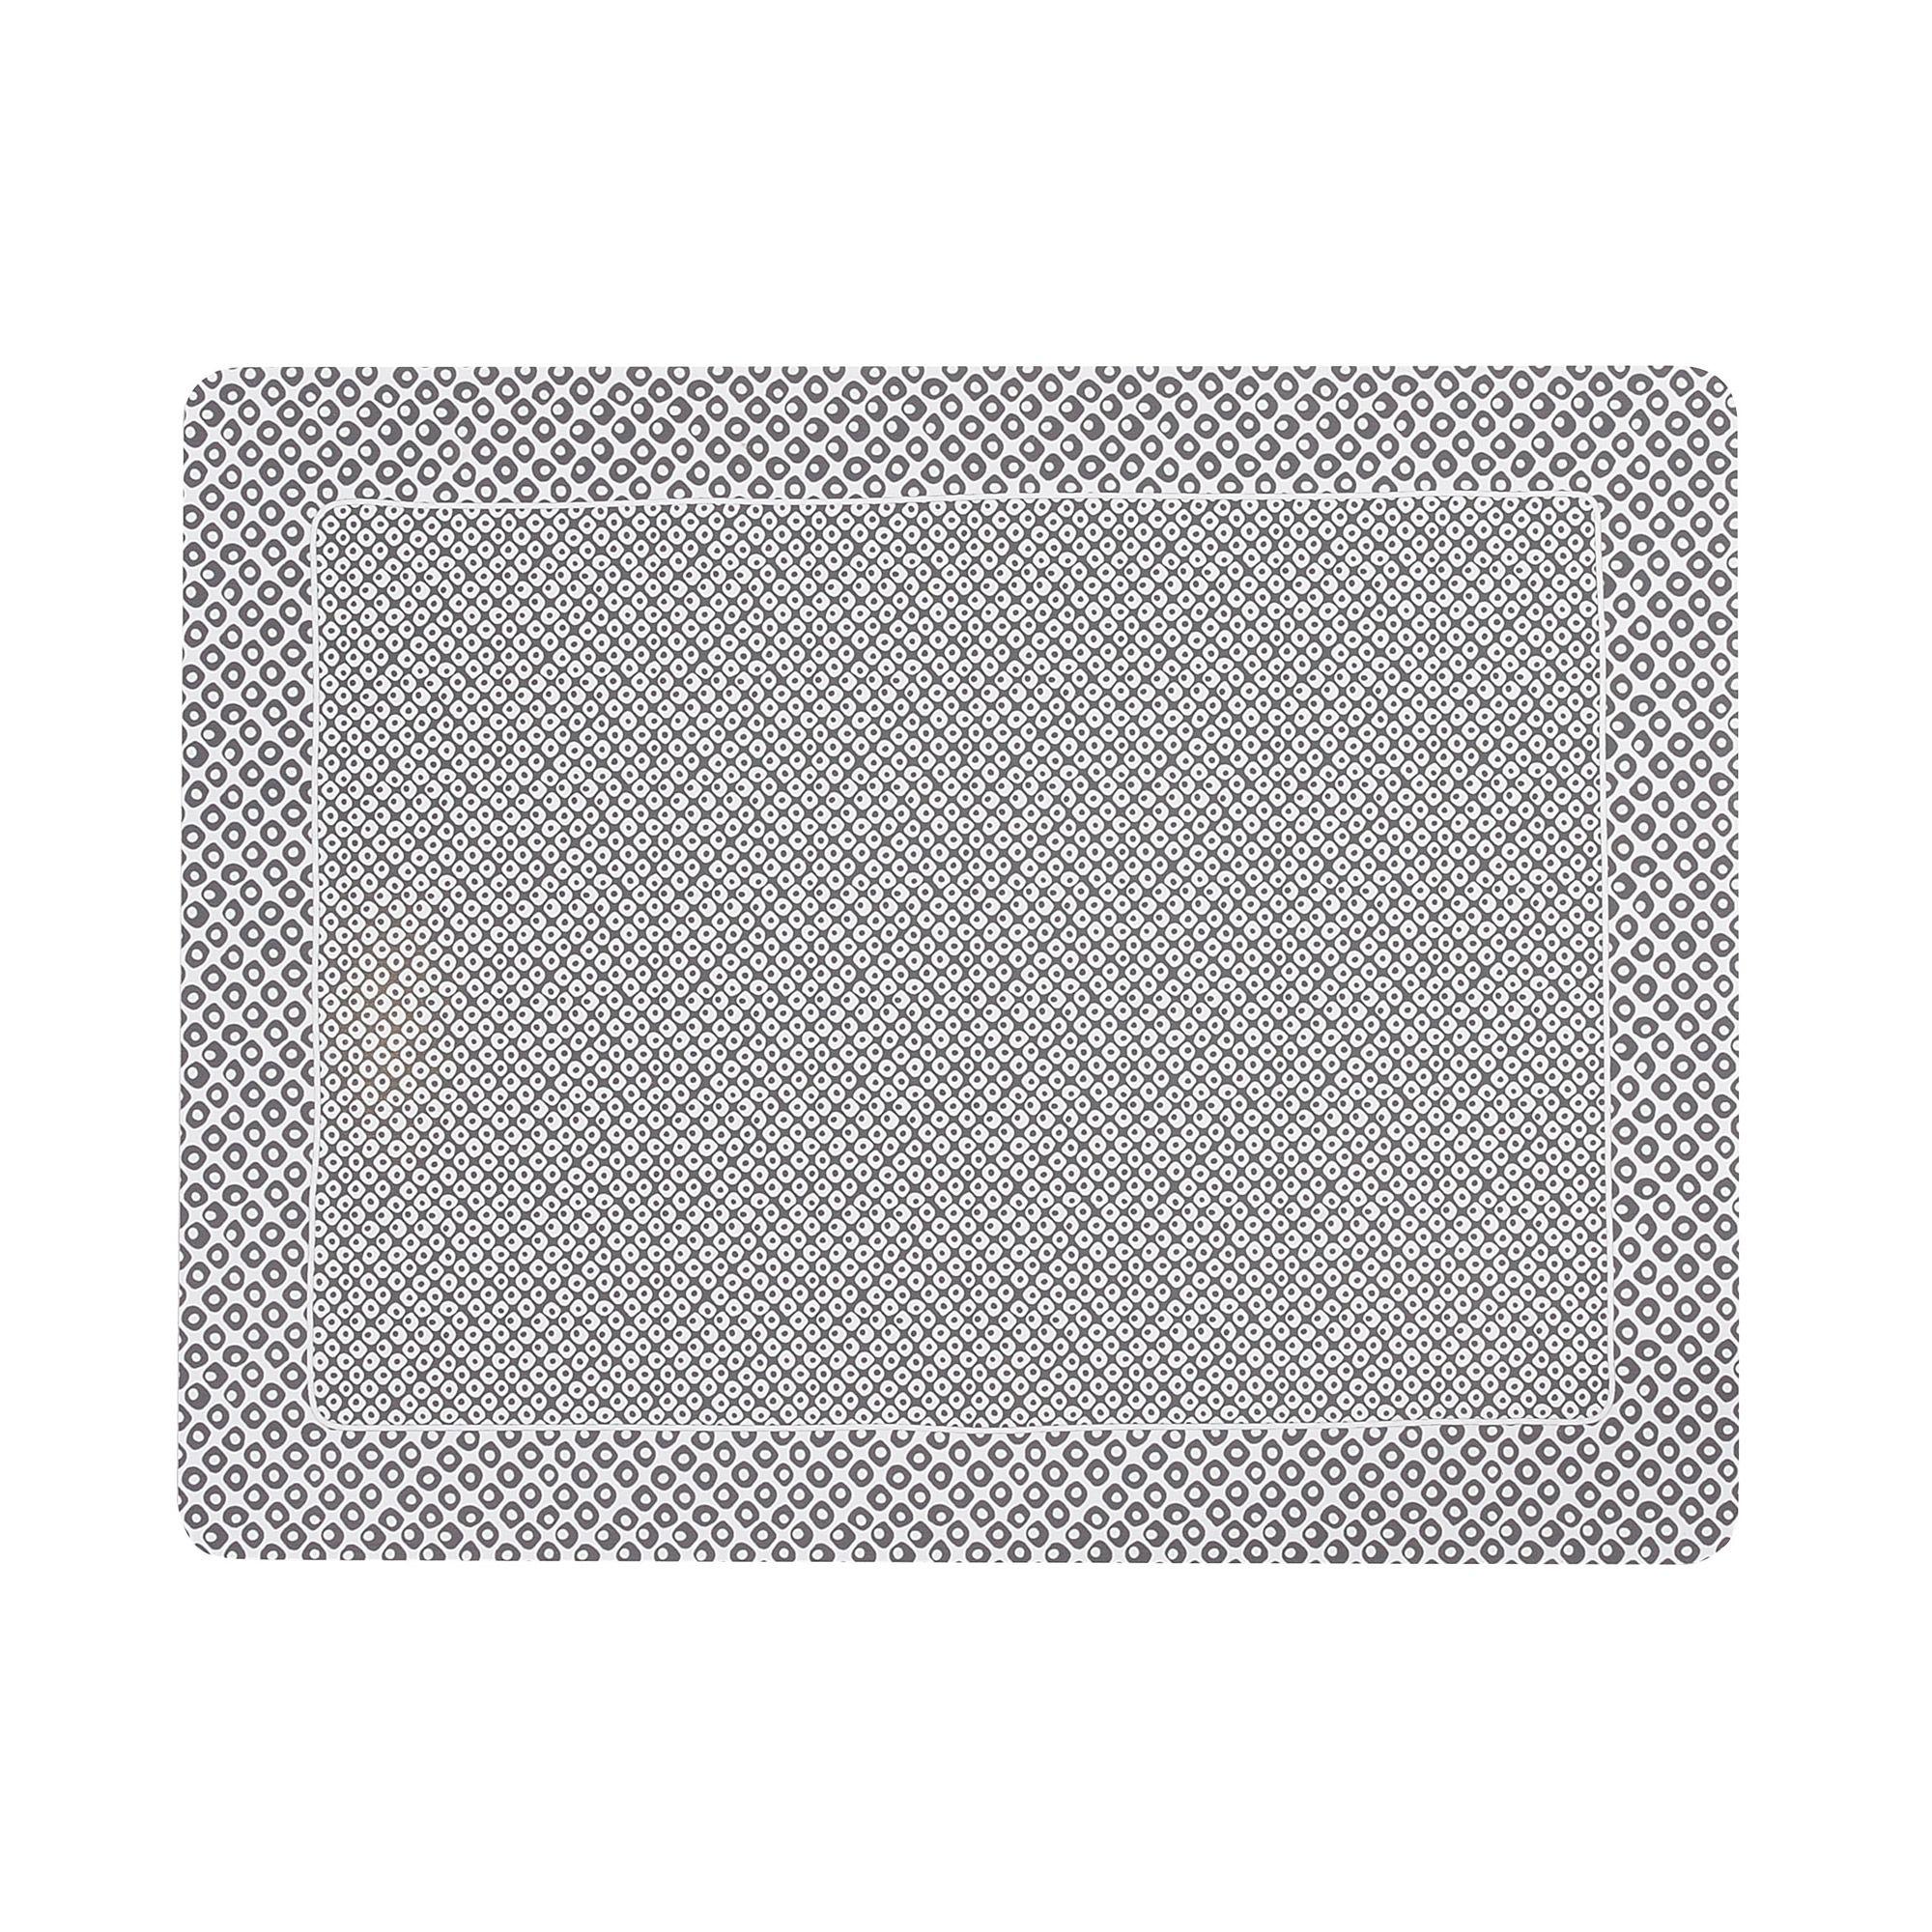 Set de table en liège anthracite 33x43cm - Lot de 2 ECLECTIC